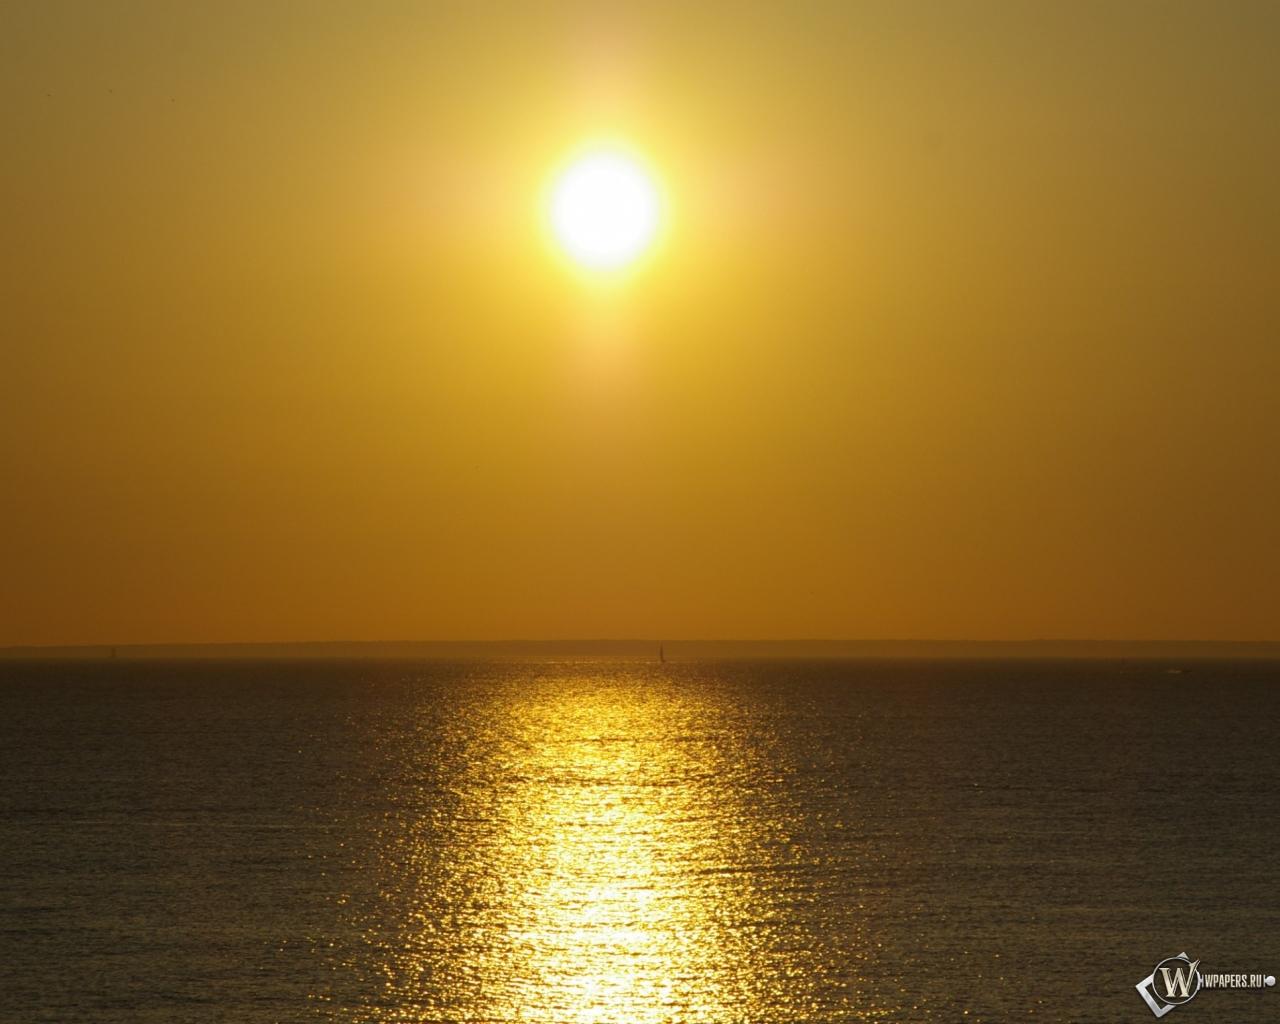 Закат на море 1280x1024